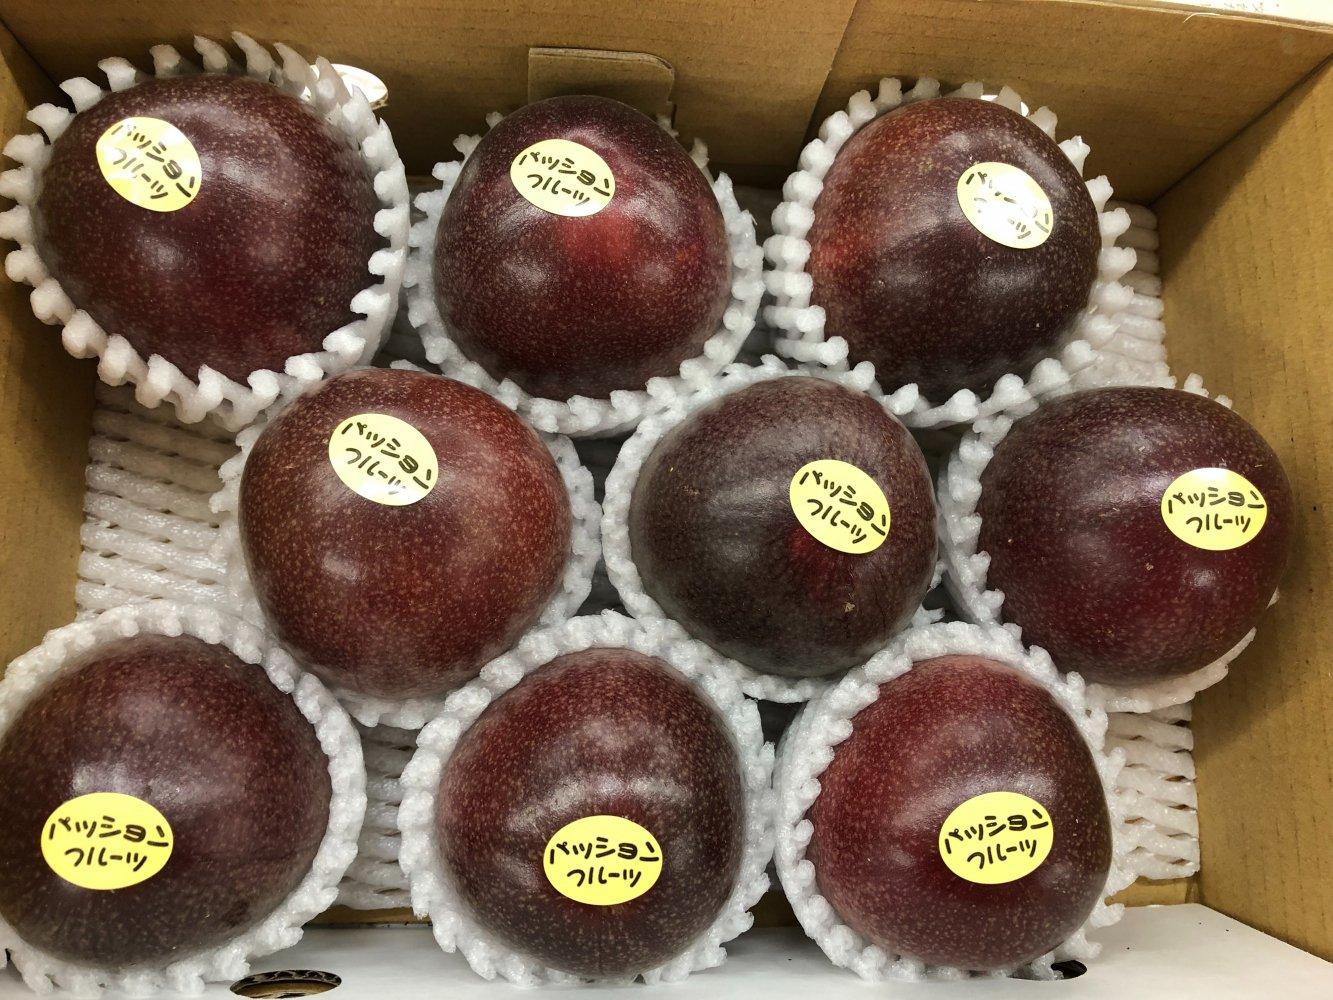 【贈答用】 無農薬栽培パッションフルーツ1kg(クッション付き)